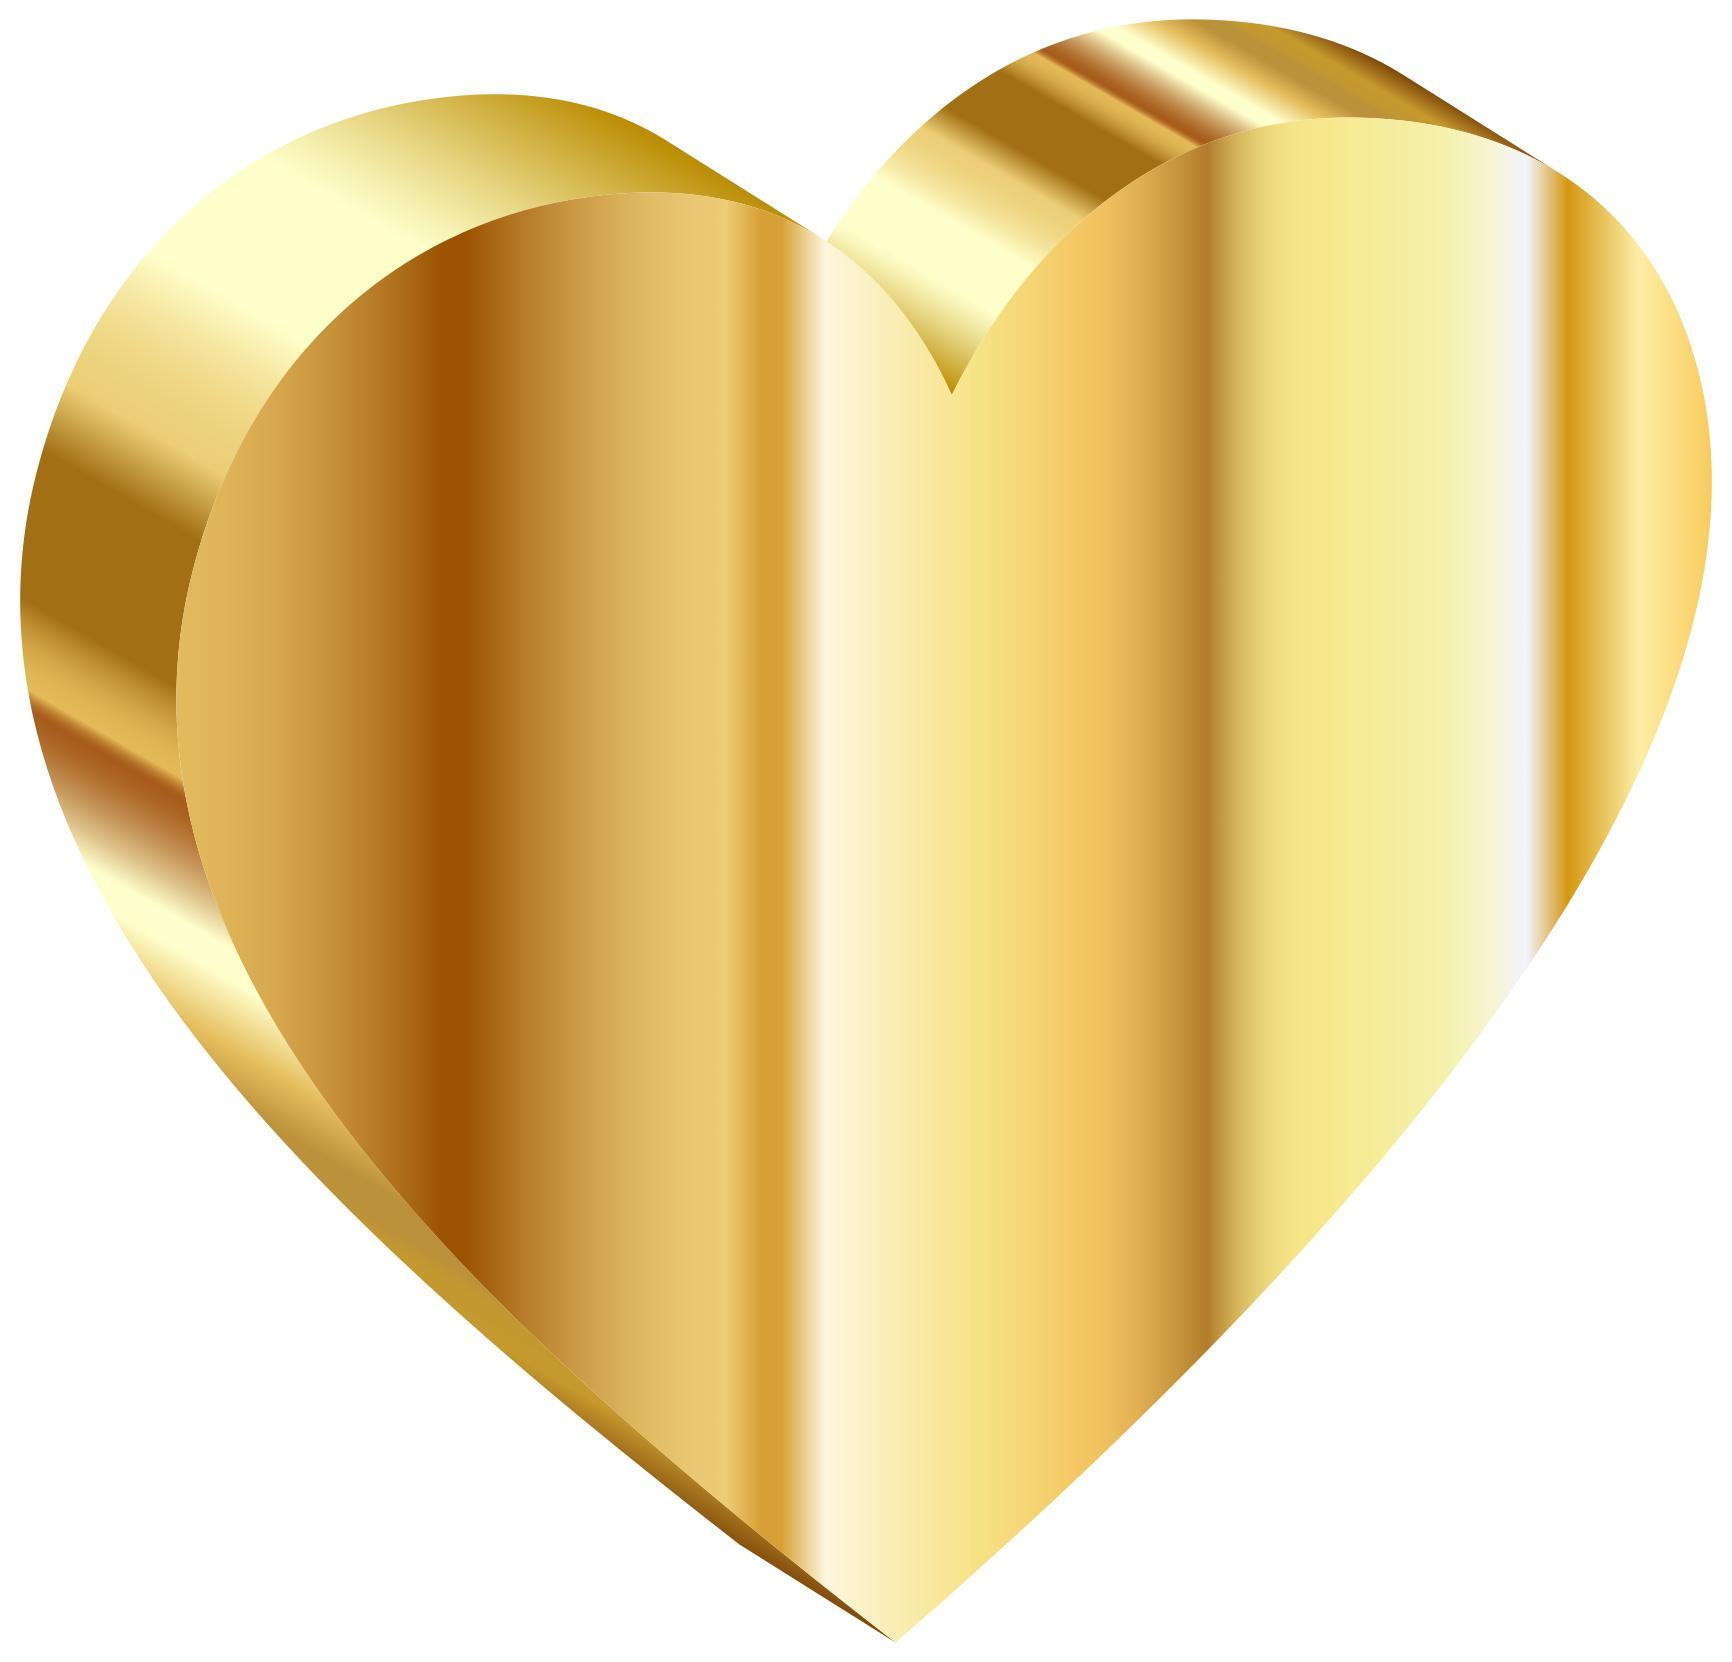 d heart of. Gold clipart